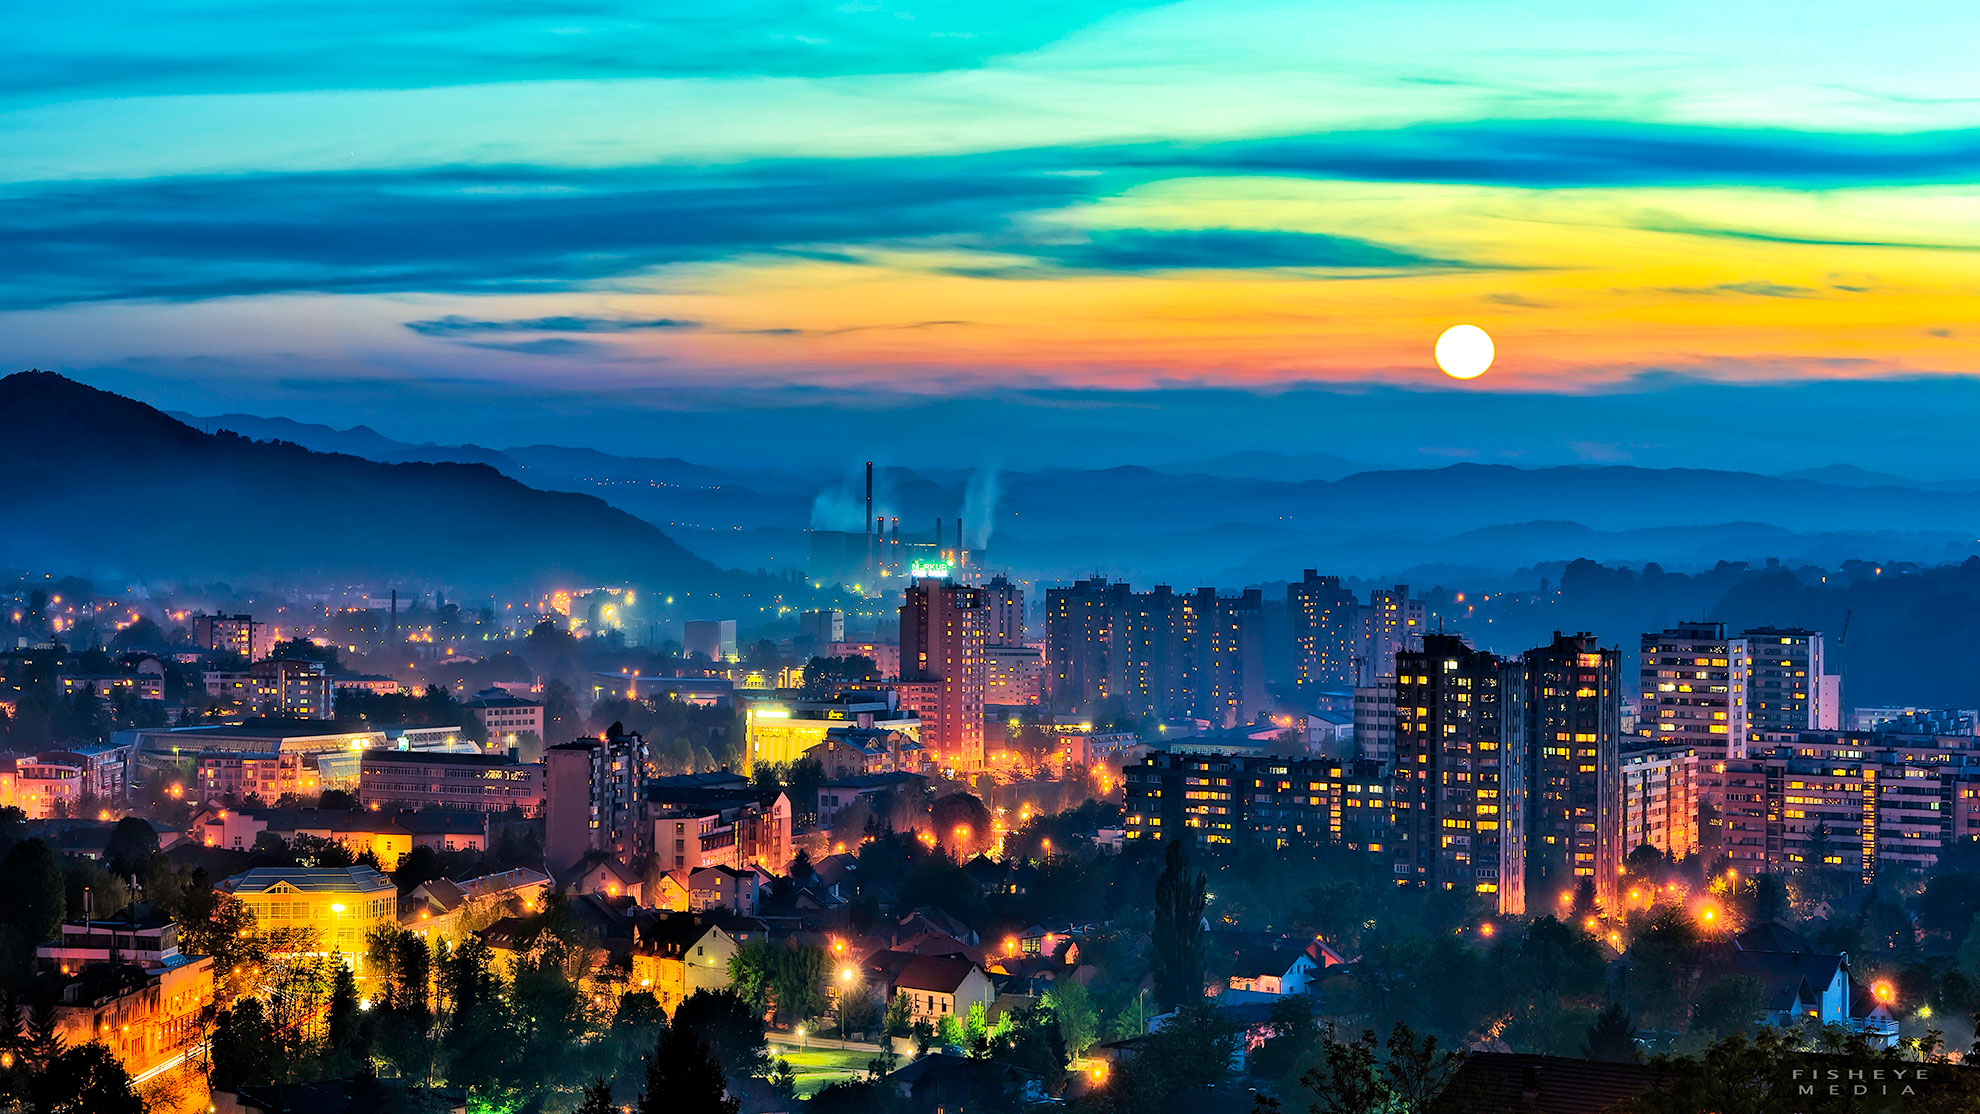 Top 10 stvari koje treba vidjeti i uraditi u Tuzli, Bosna u Hercegovina